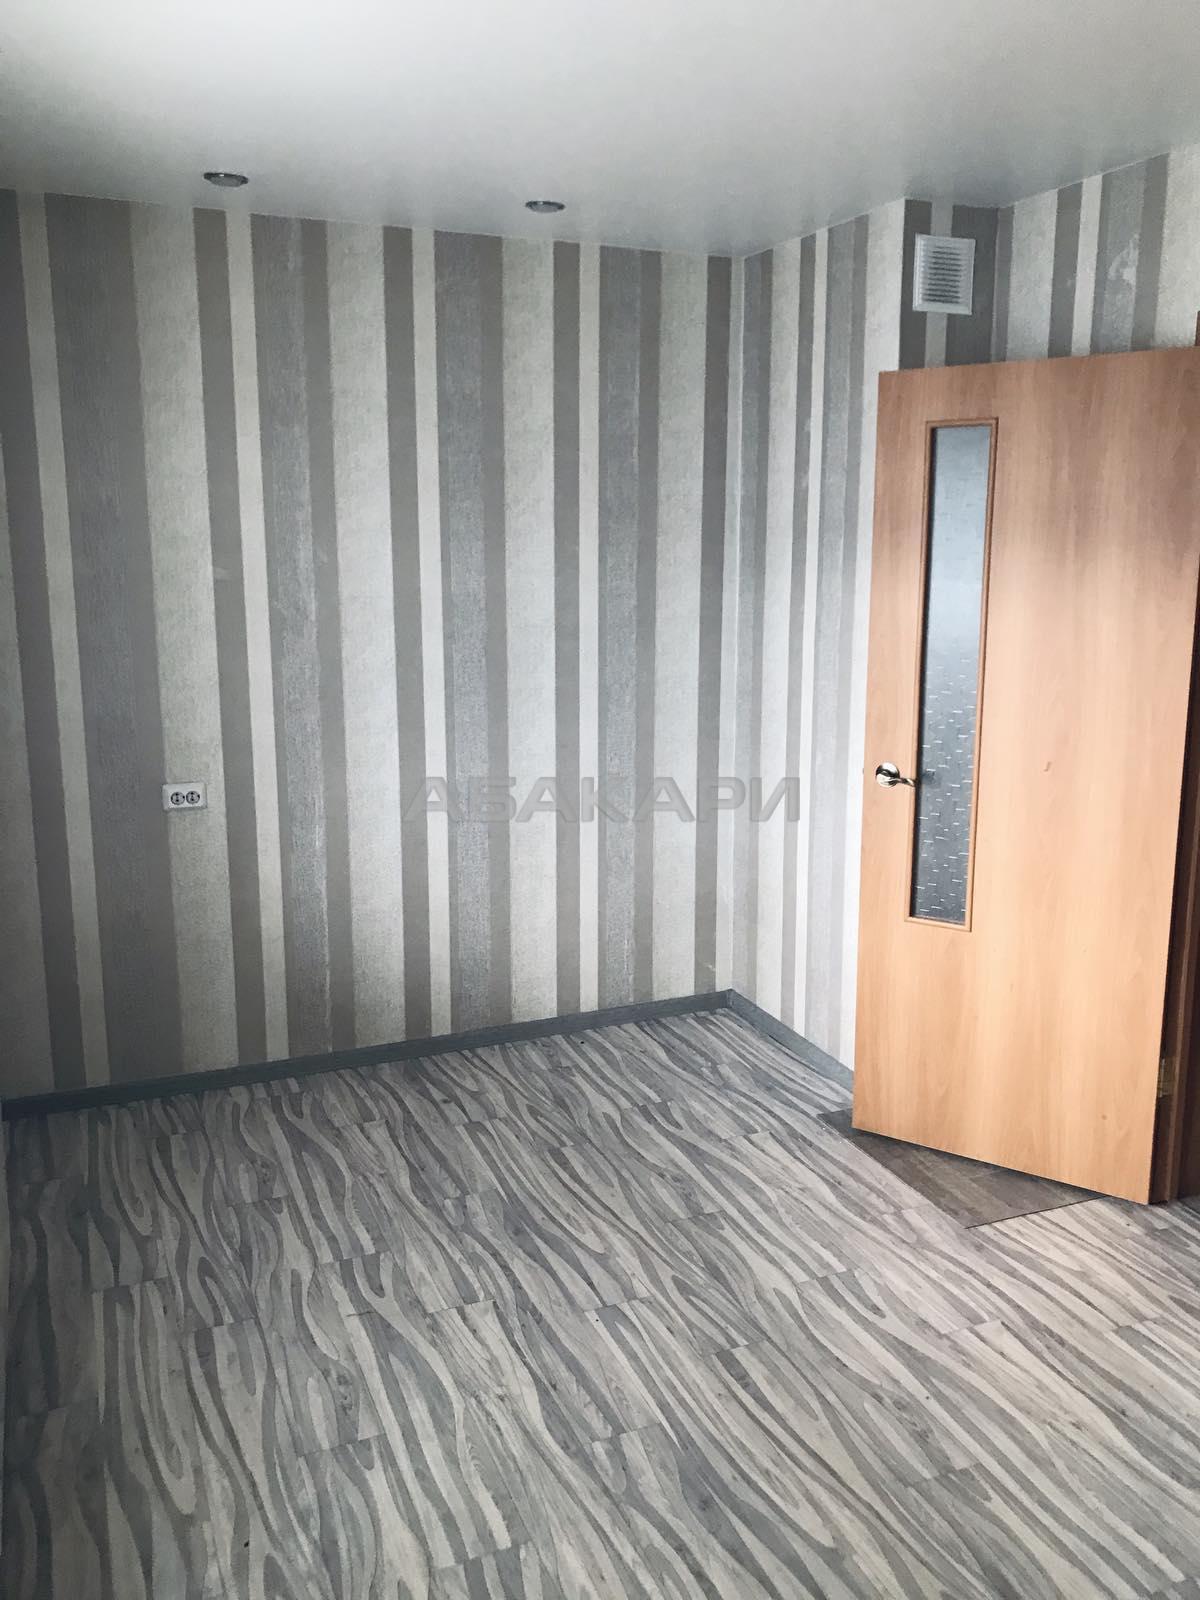 2к квартира Ярыгинская набережная, 35 | 23000 | аренда в Красноярске фото 15